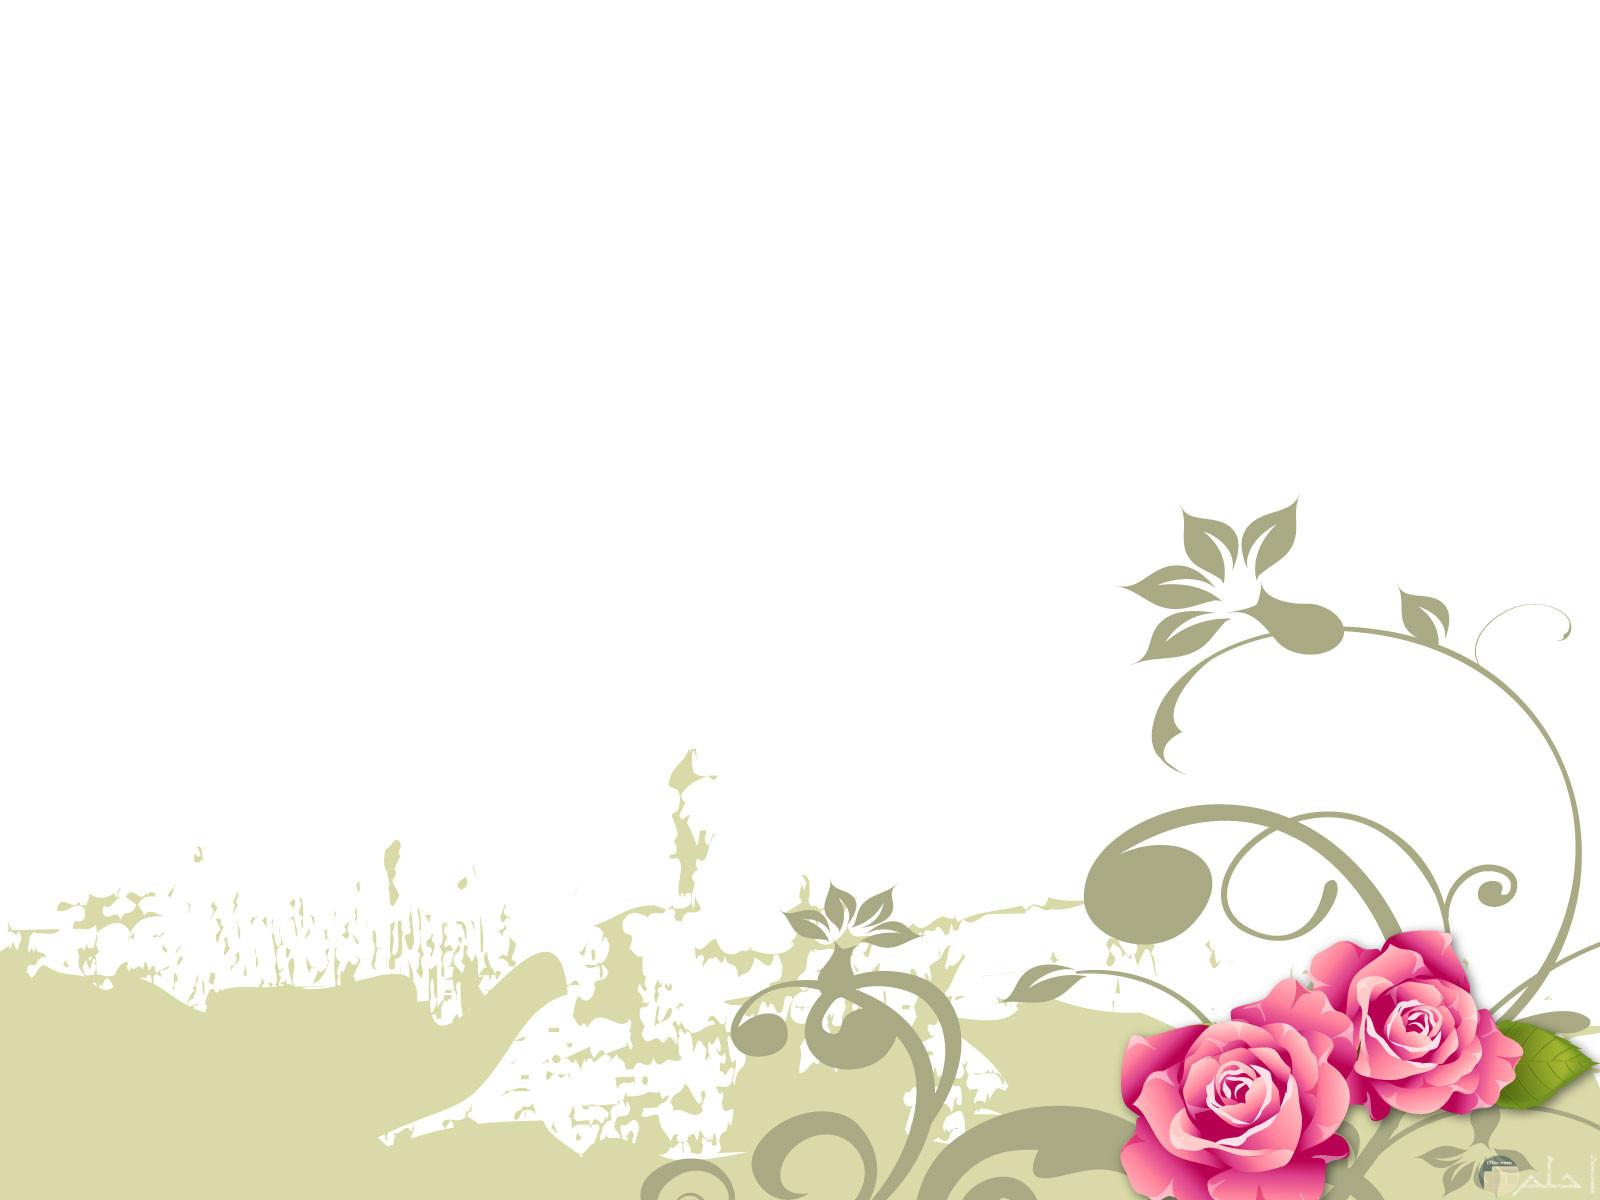 خلفية زهور وردية